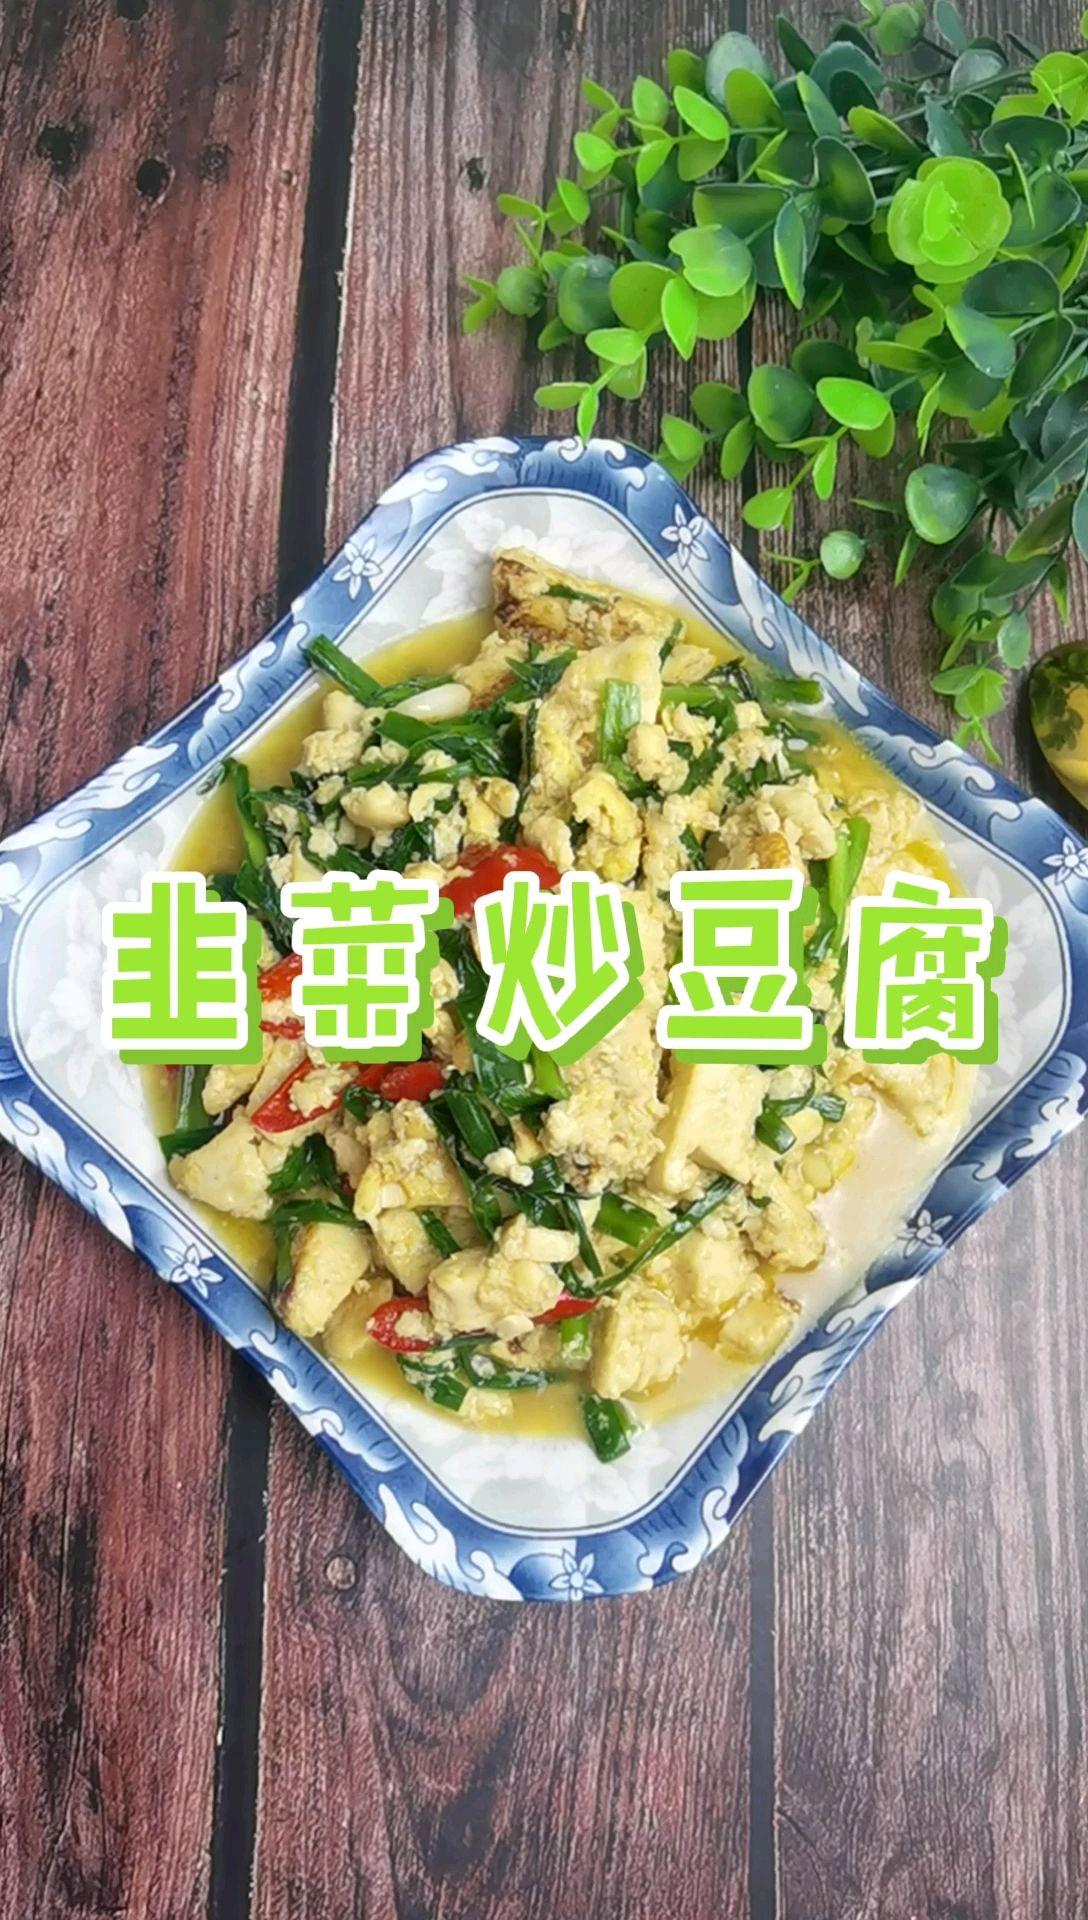 我是半滴雨#來自內蒙古#,參賽作品為韭菜炒豆腐,豆腐嫩滑,韭菜鮮美